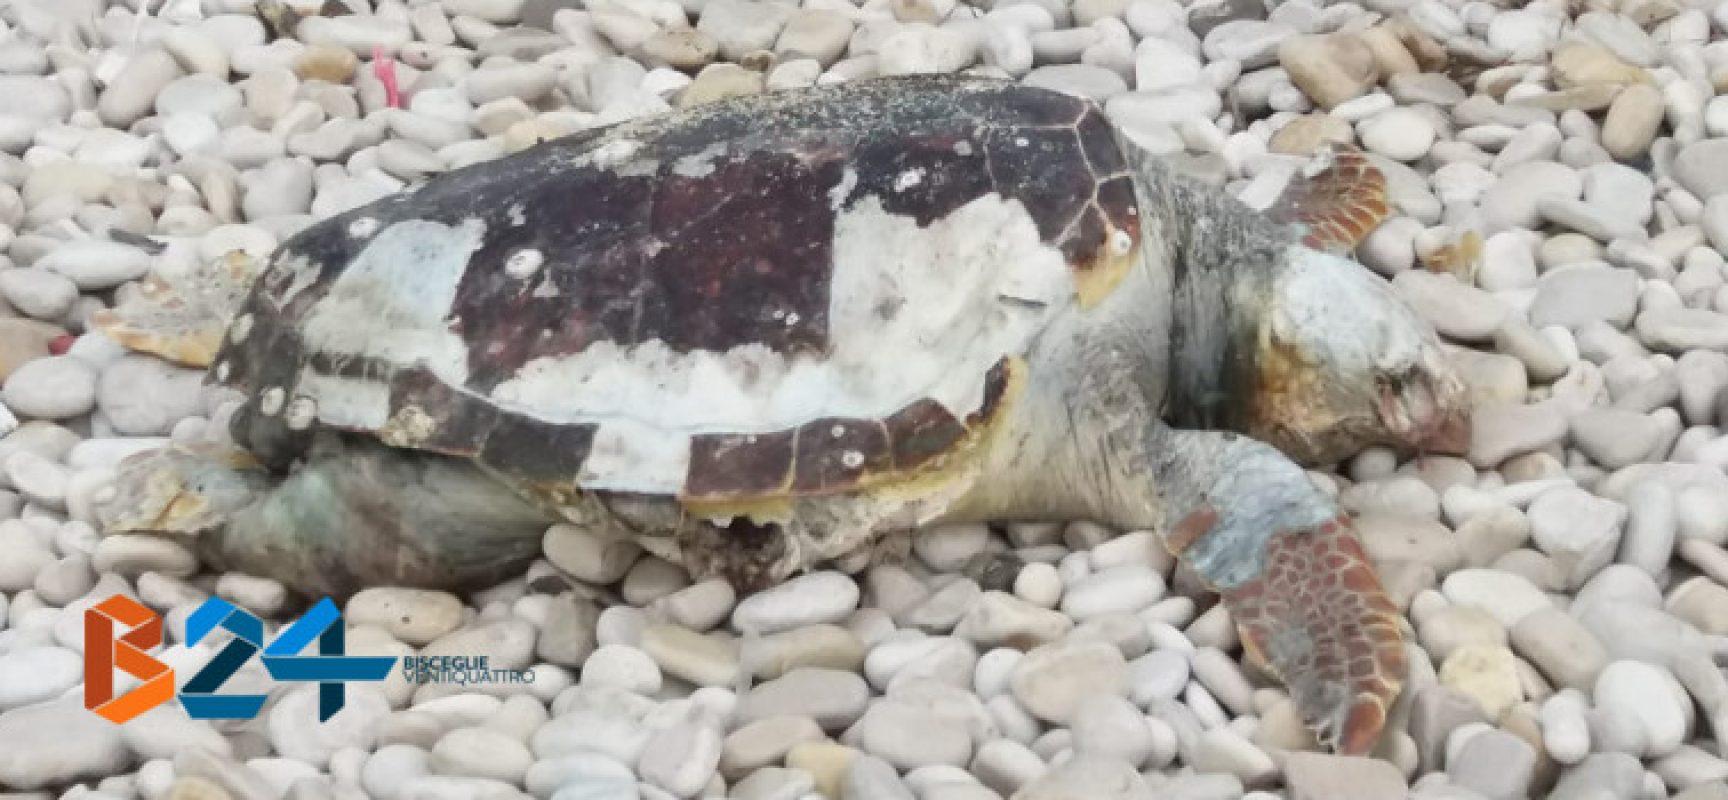 Carcassa di tartaruga marina ritrovata alla seconda spiaggia